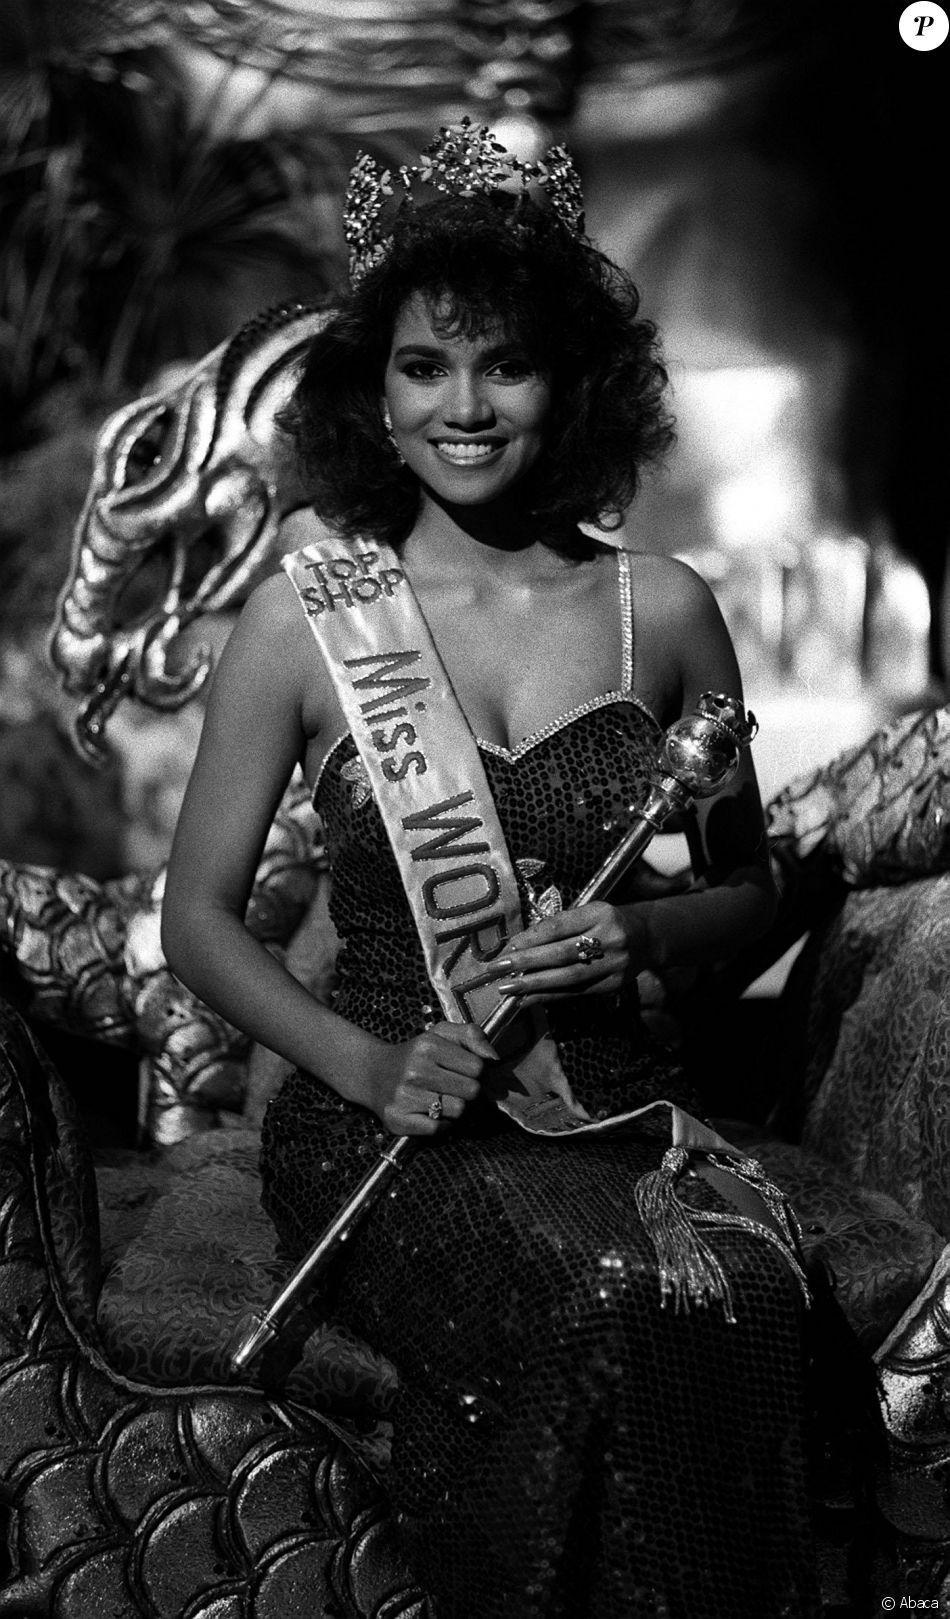 Elue Miss Ohio en 1986 à 20 ans, Halle Berry a représenté les Etats-Unis lors de l'élection de Miss Word. Elle est arrivée sixième du concours international en portant l'écharpe de Miss USA.